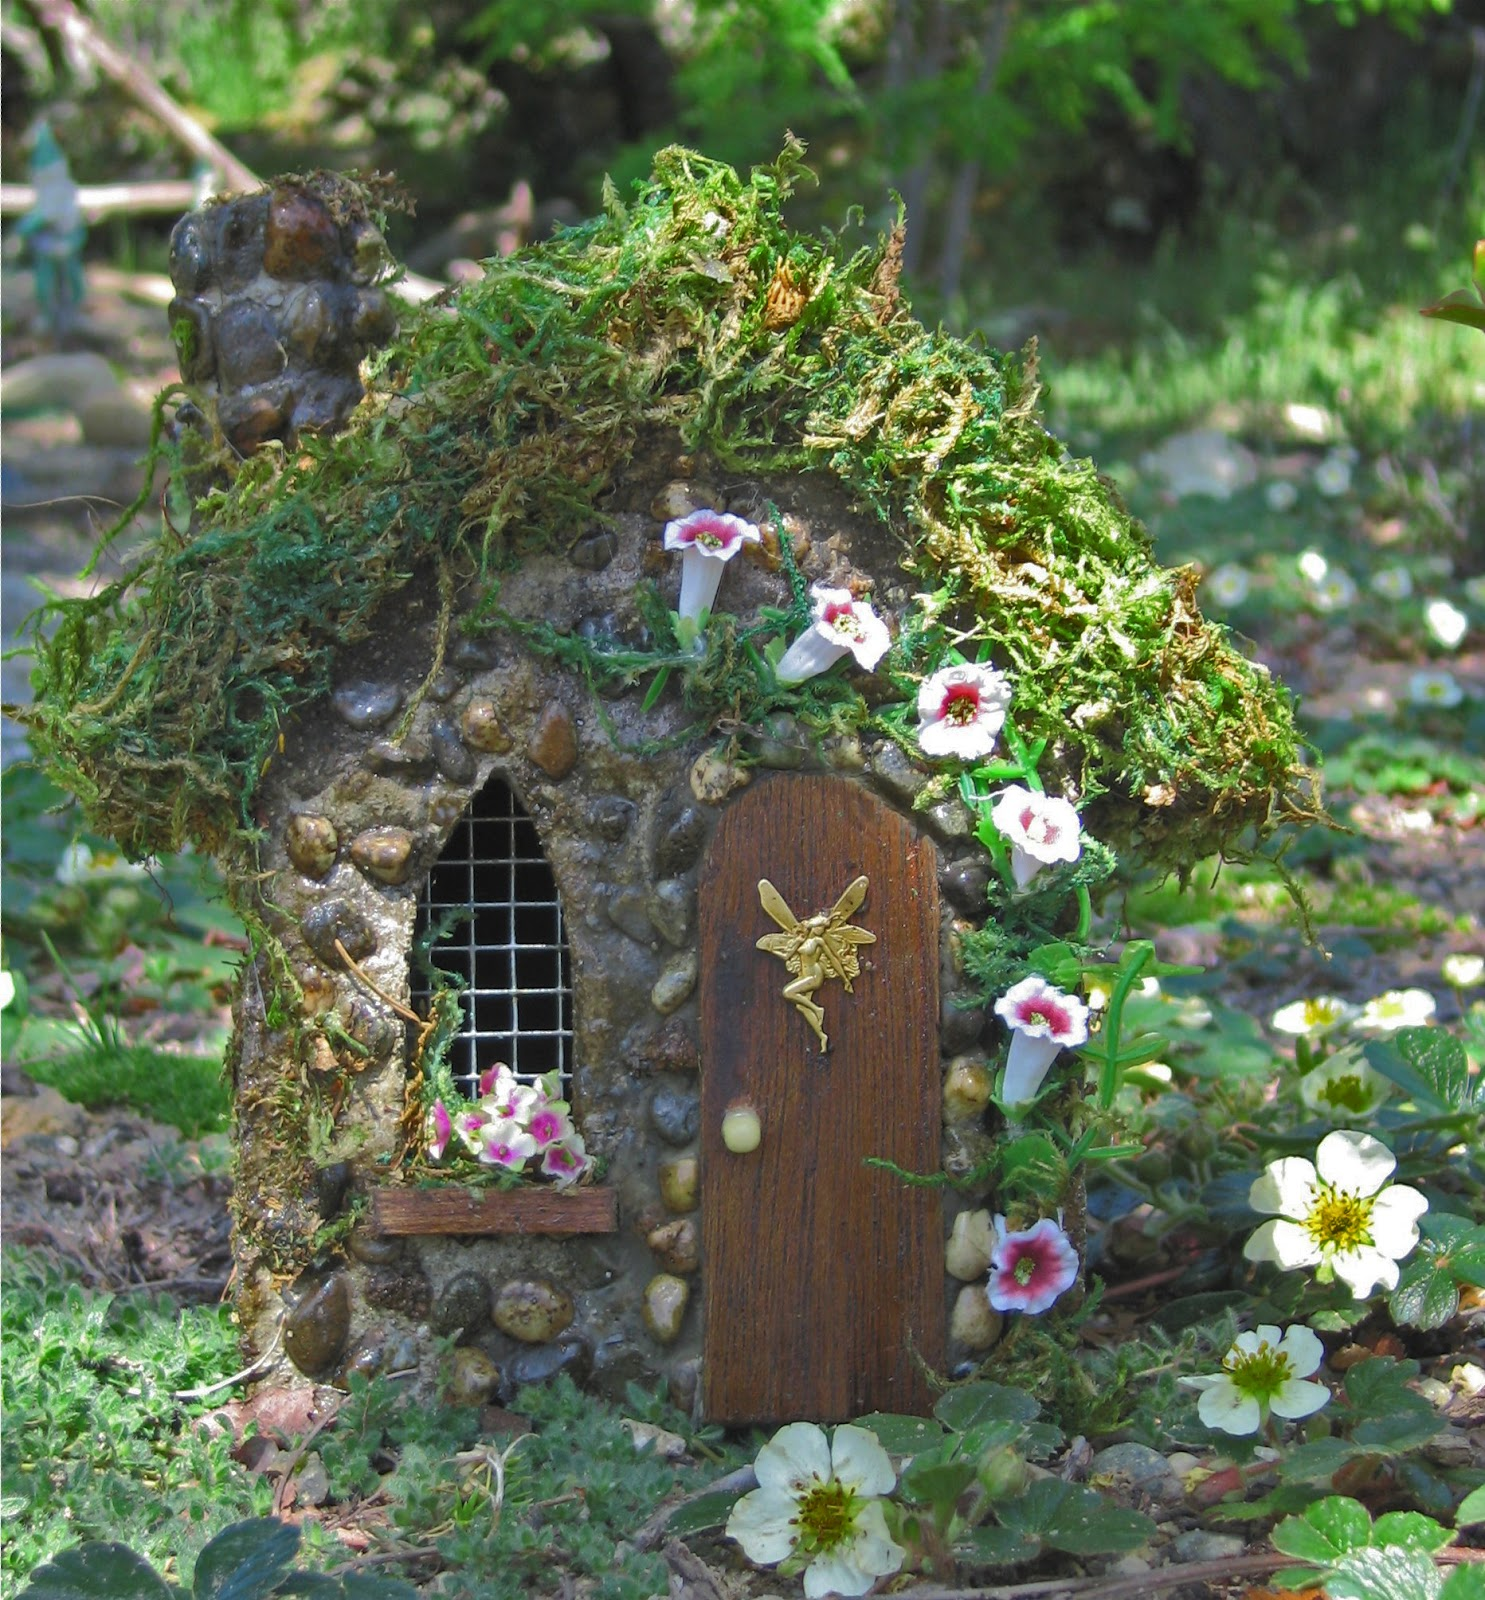 Edible Landscaping And Fairy Gardens: Barb's Botanical Garden: Fairy Gardens